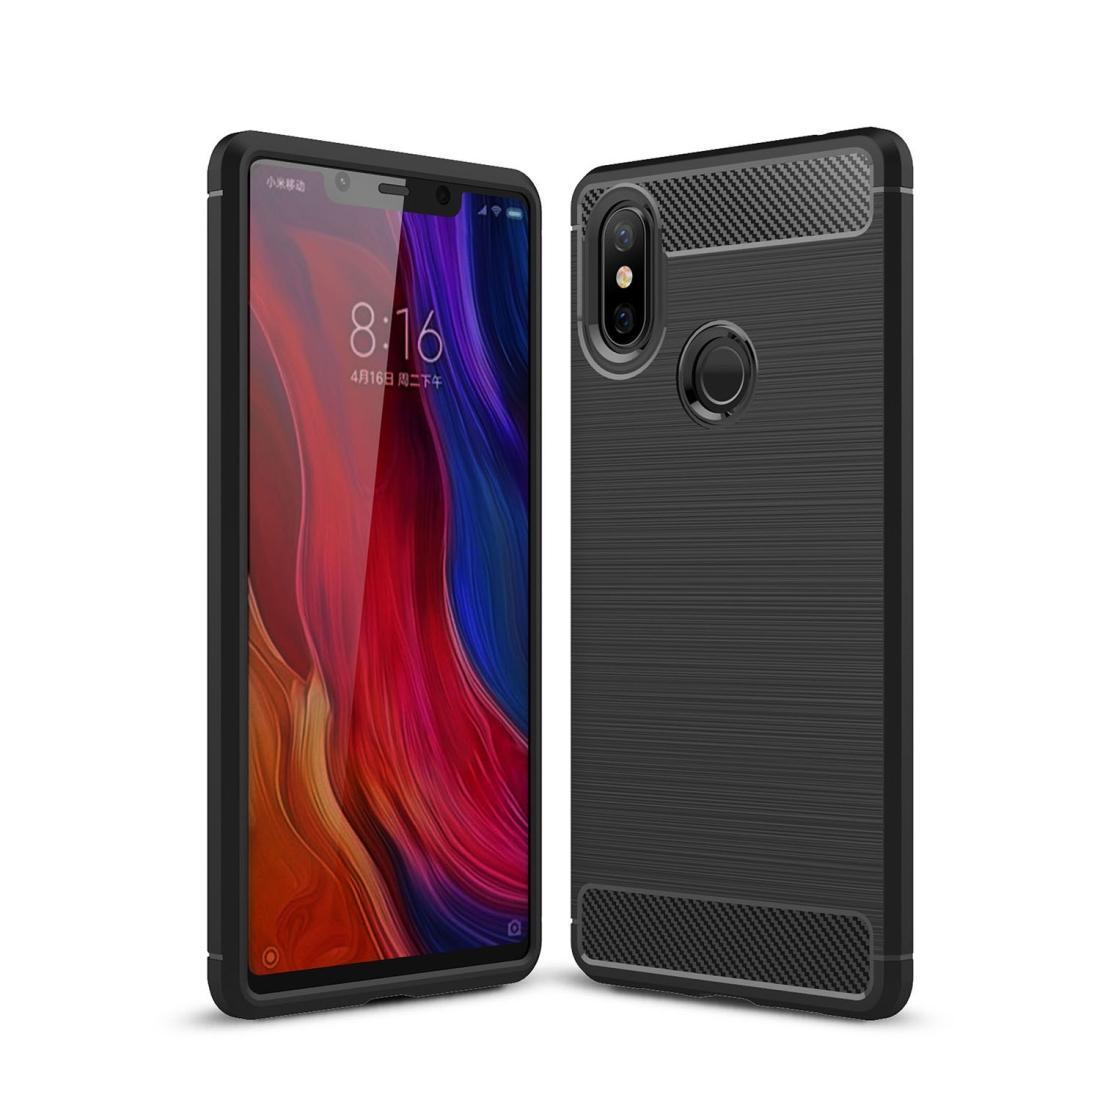 Brossé Texture En Fiber De Carbone antichoc TPU Cas Pour Xiaomi Mi 8 SE